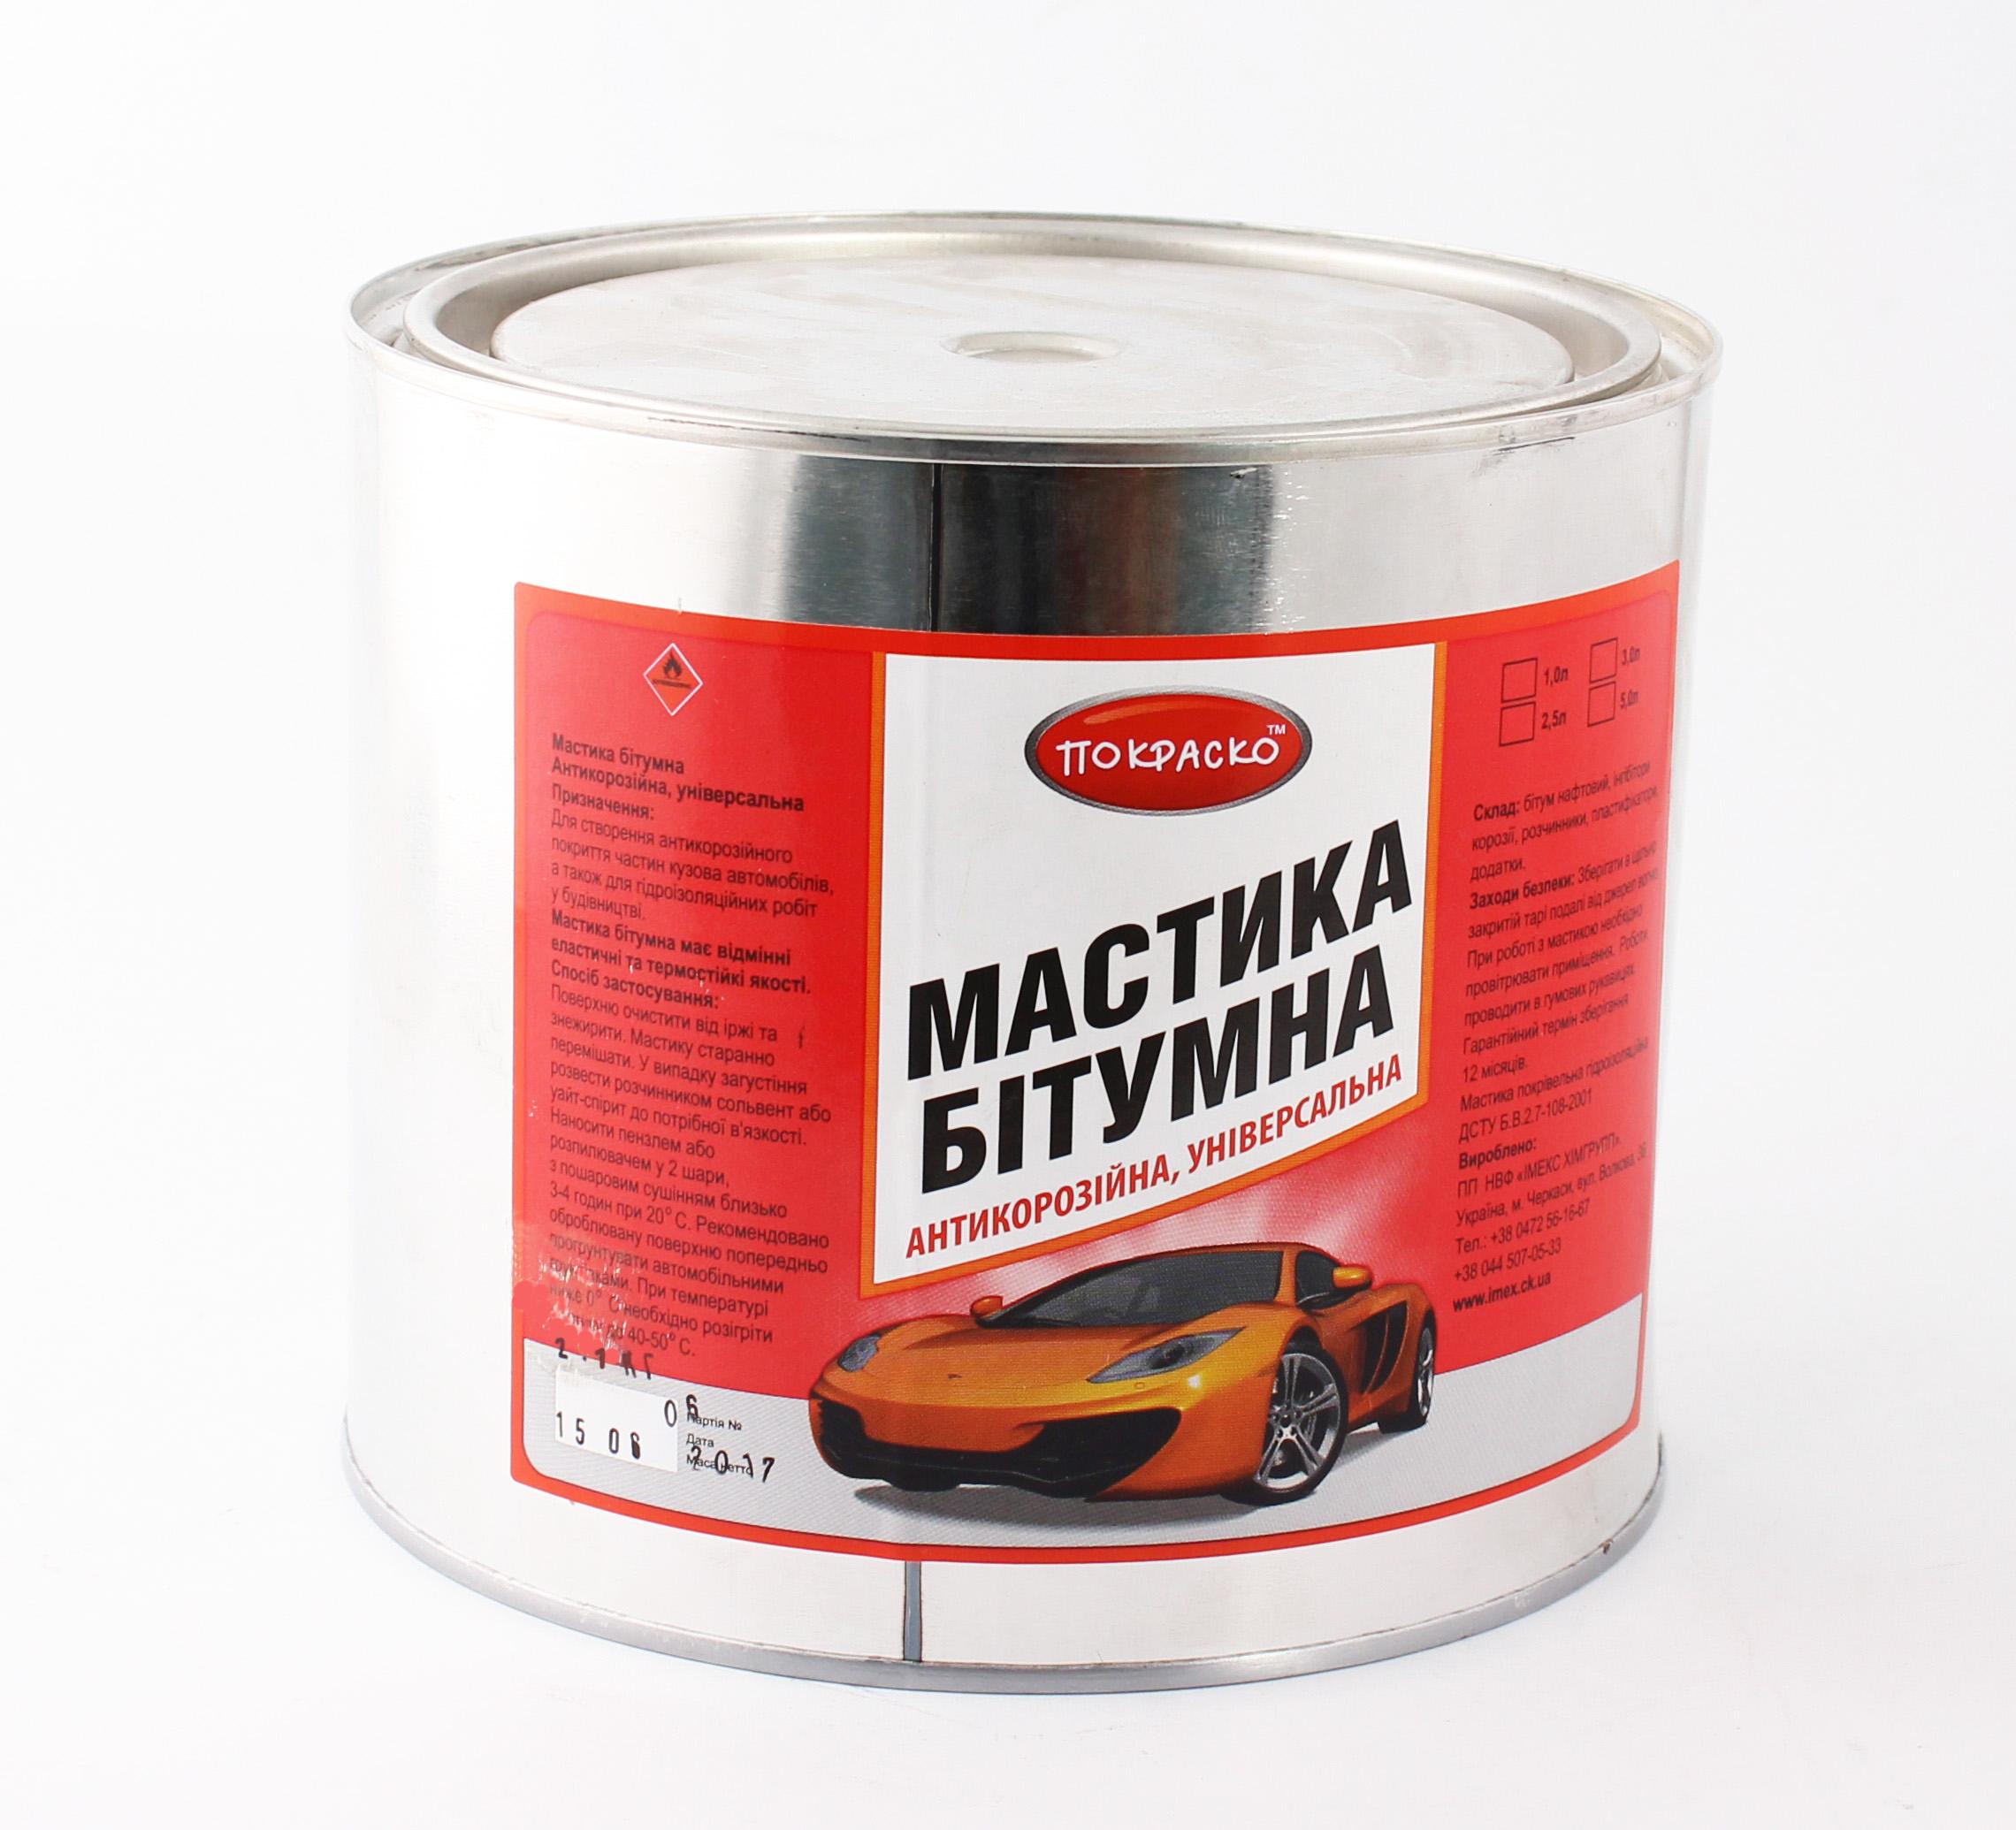 Покраско Мастика битумная 2.1кг